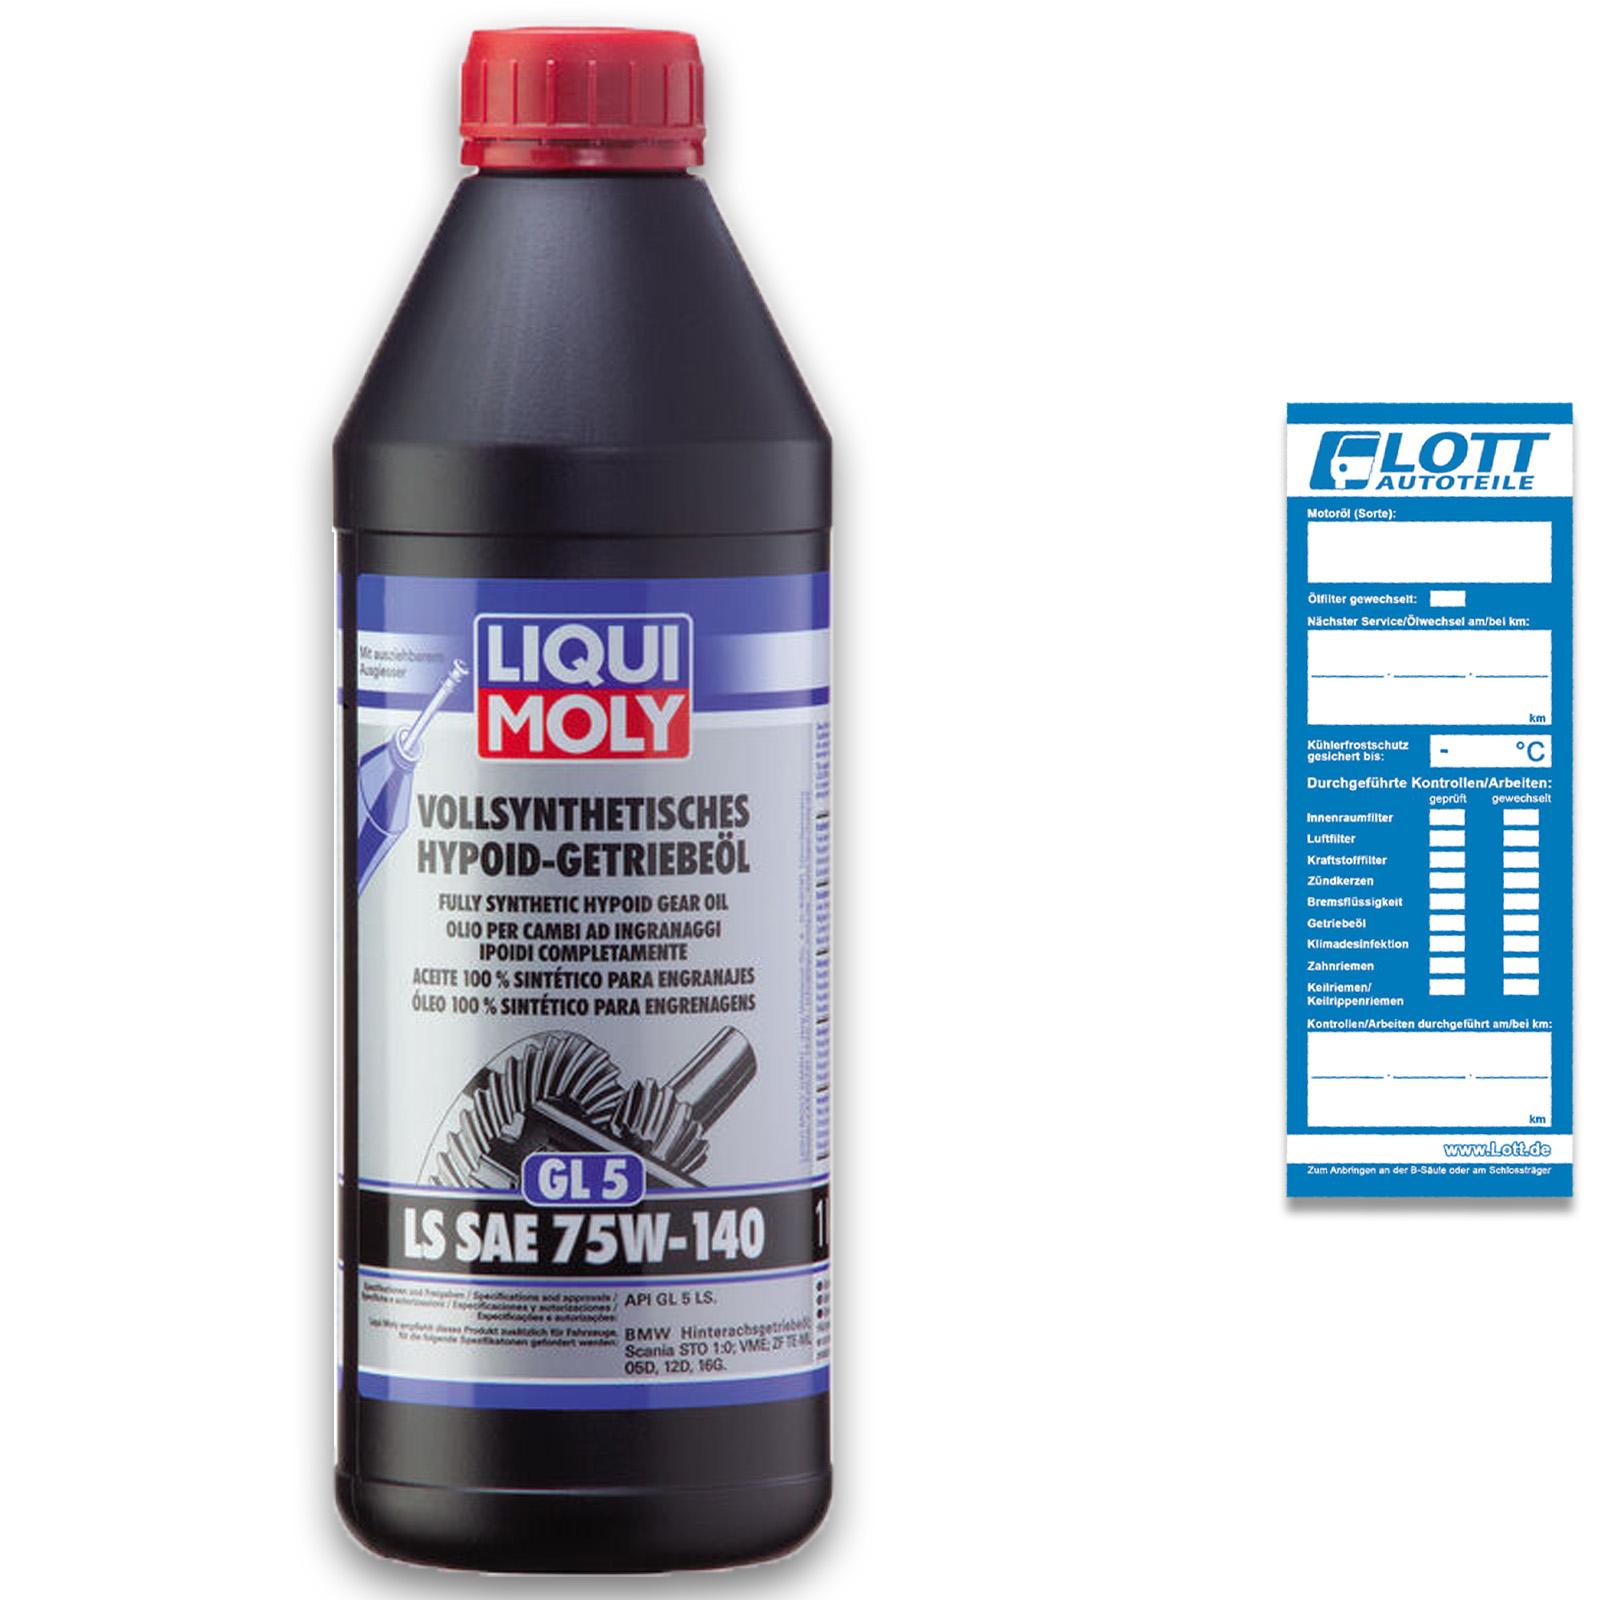 Liqui Moly Hypoid-Getriebeöl LS SAE 75W-140 1L